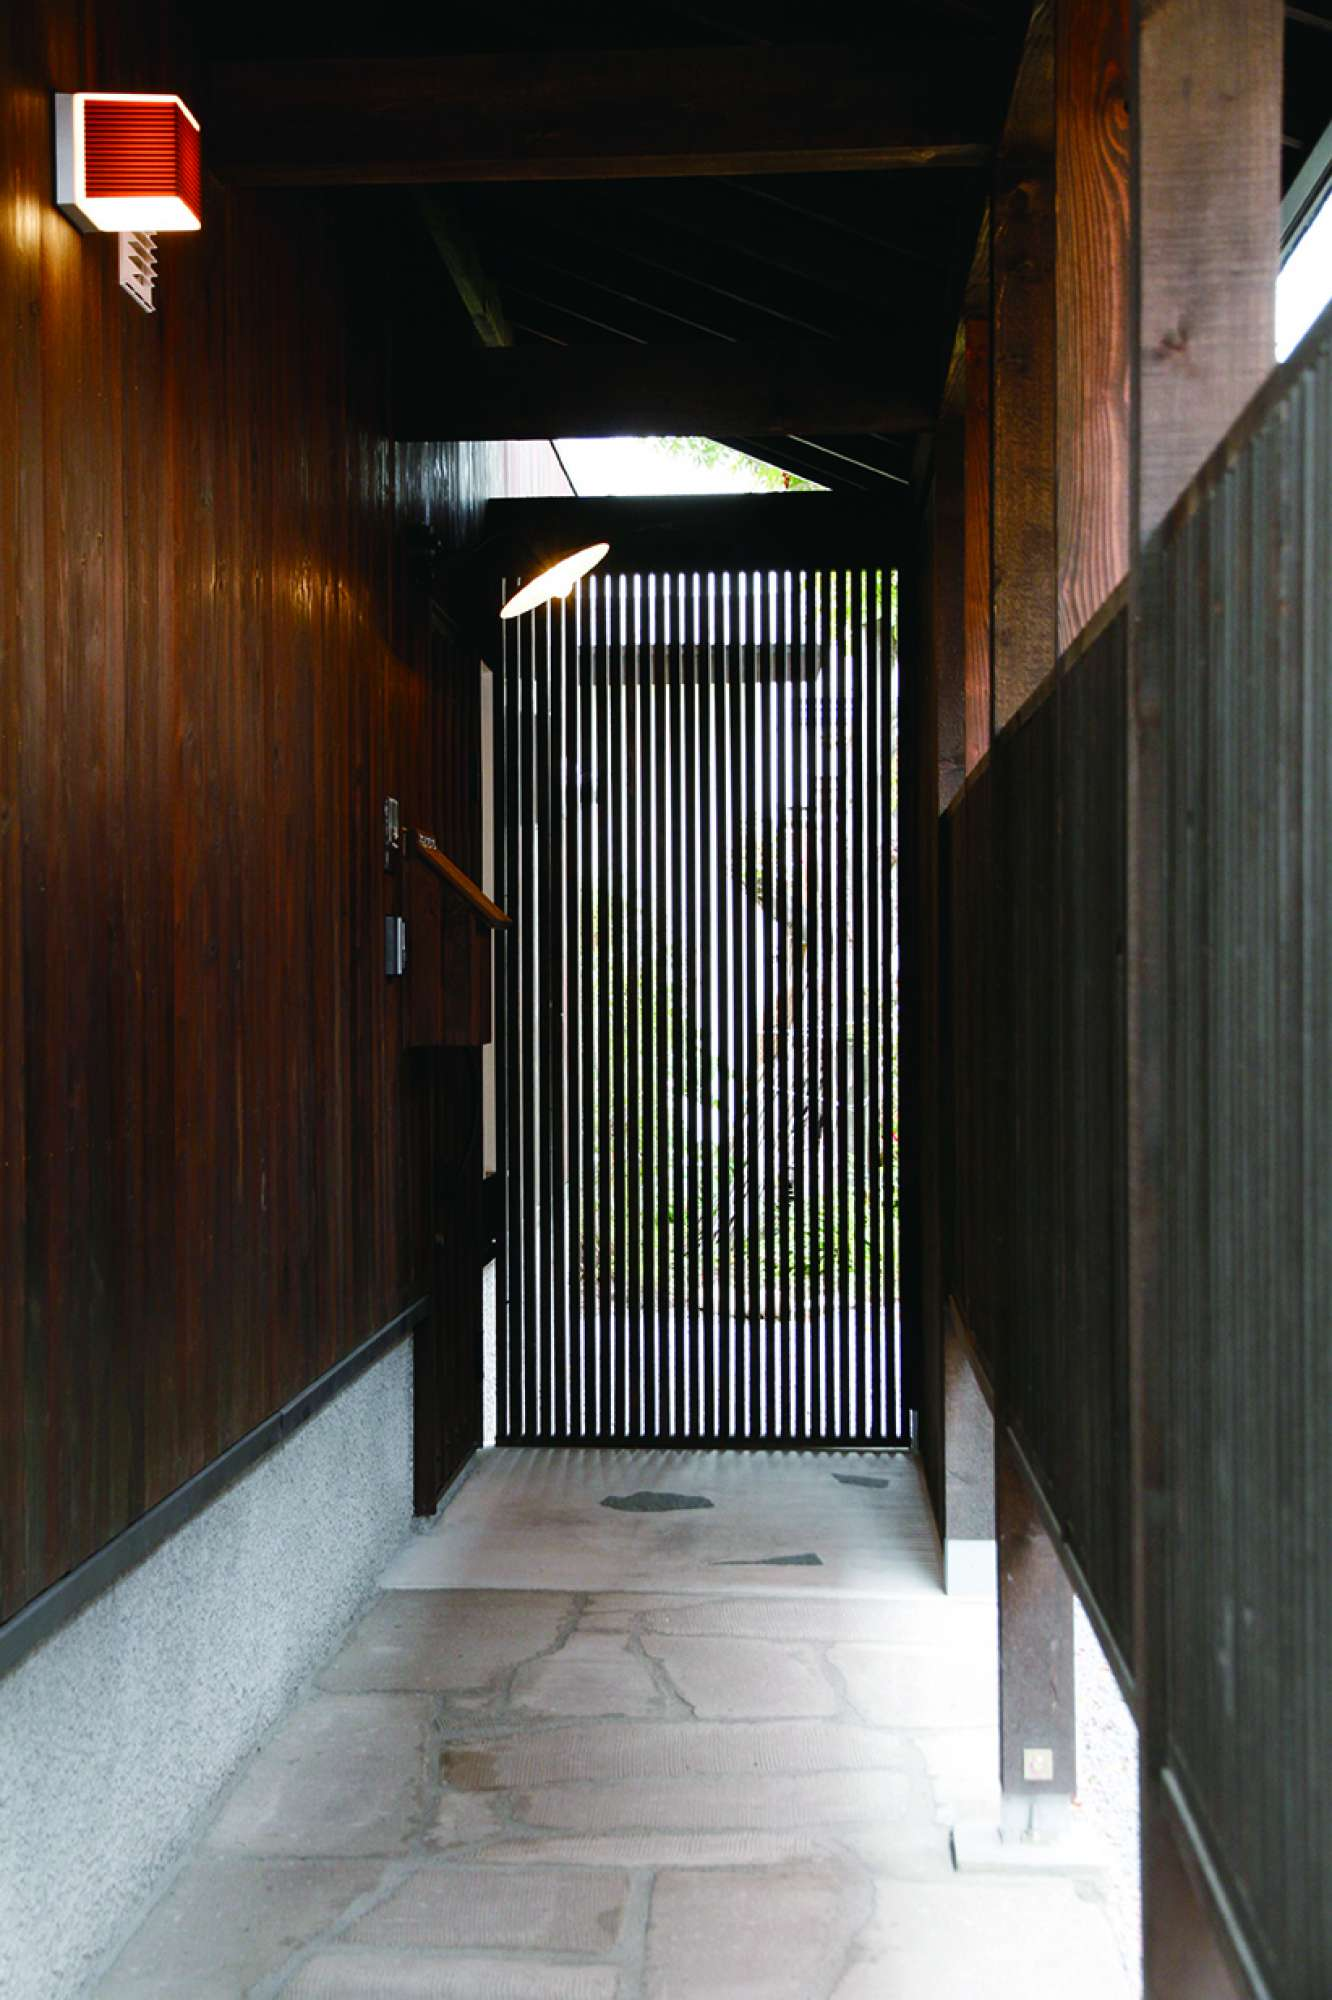 壁面の羽目板と縦ルーバーが風流な玄関アプローチ -  -  -